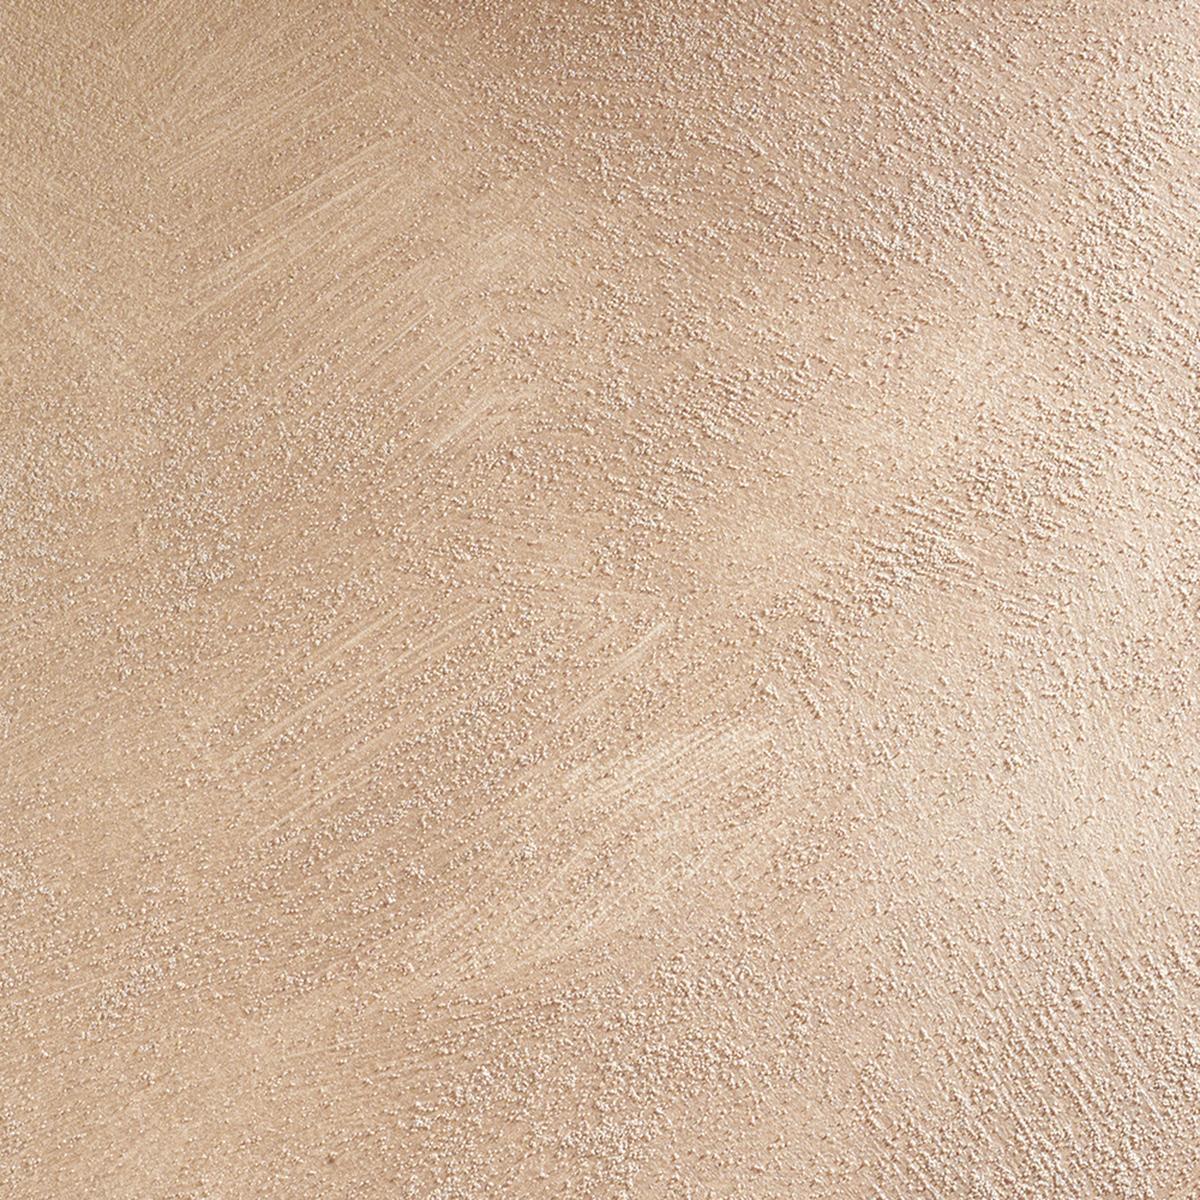 Pittura decorativa effetto sabbiato marrone talpa 5 2 l GECKOS - 9